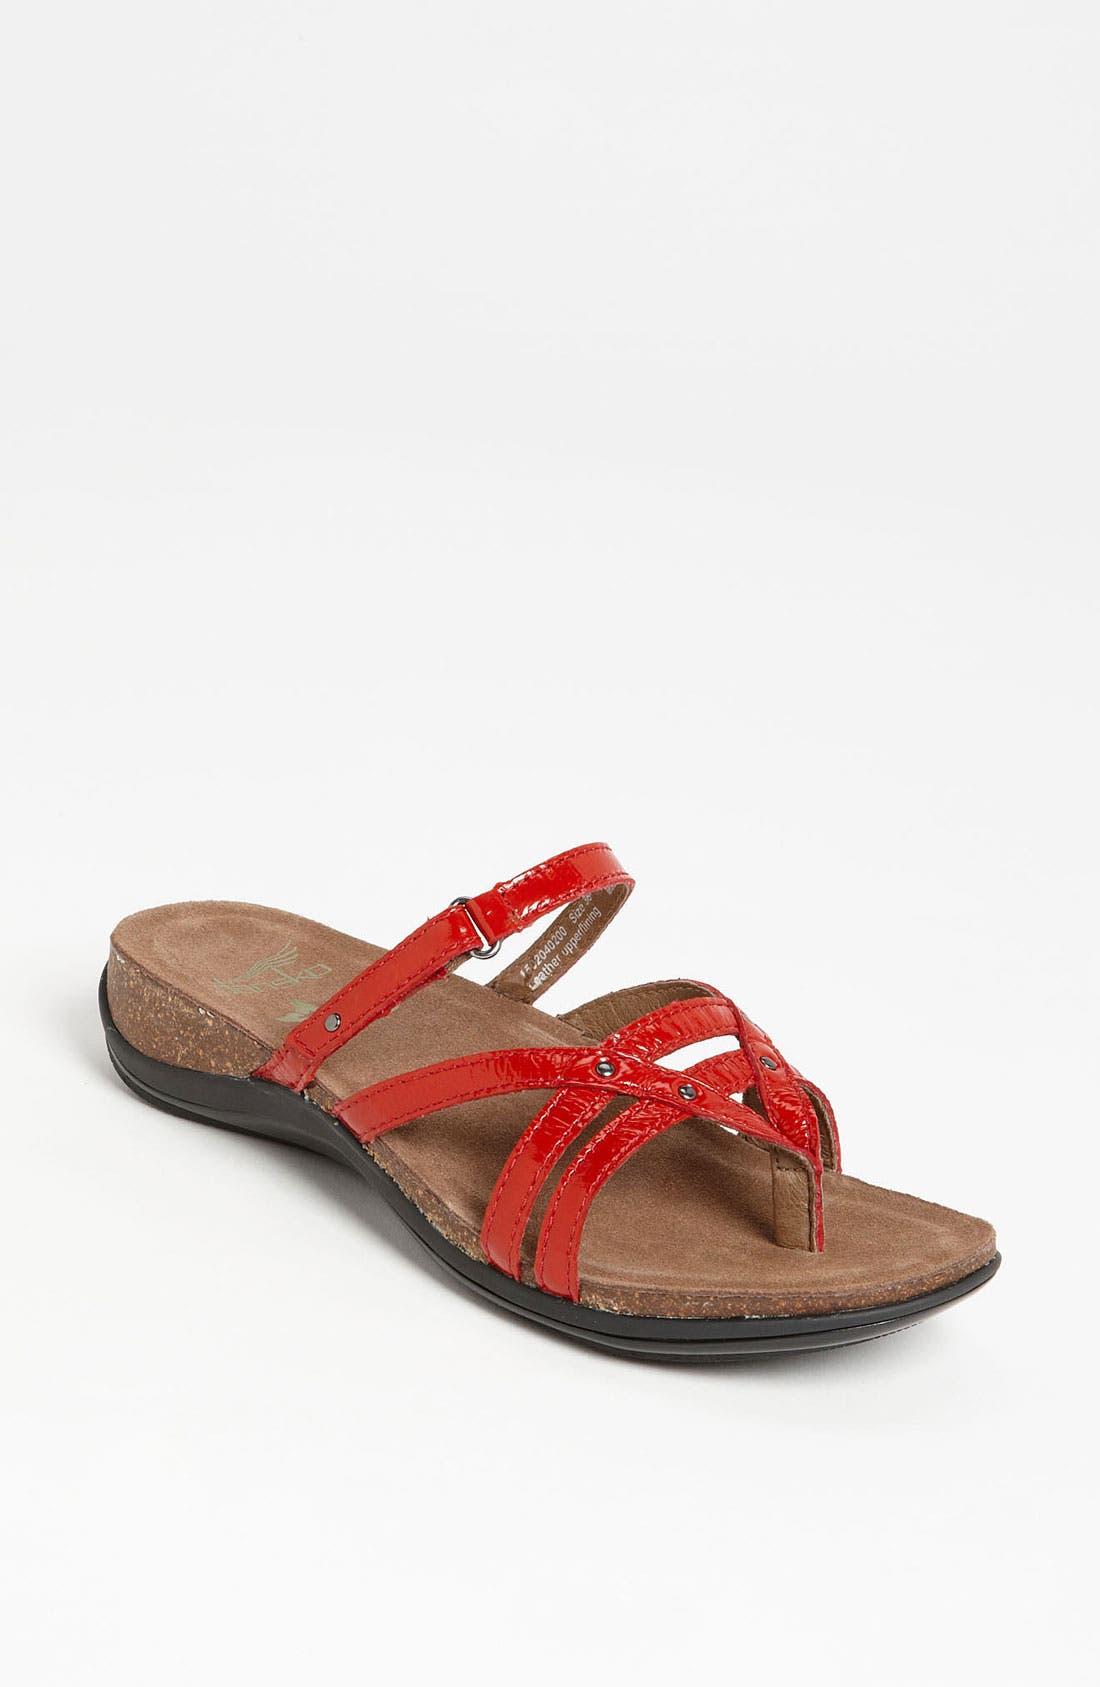 Alternate Image 1 Selected - Dansko 'Jenelle' Sandal